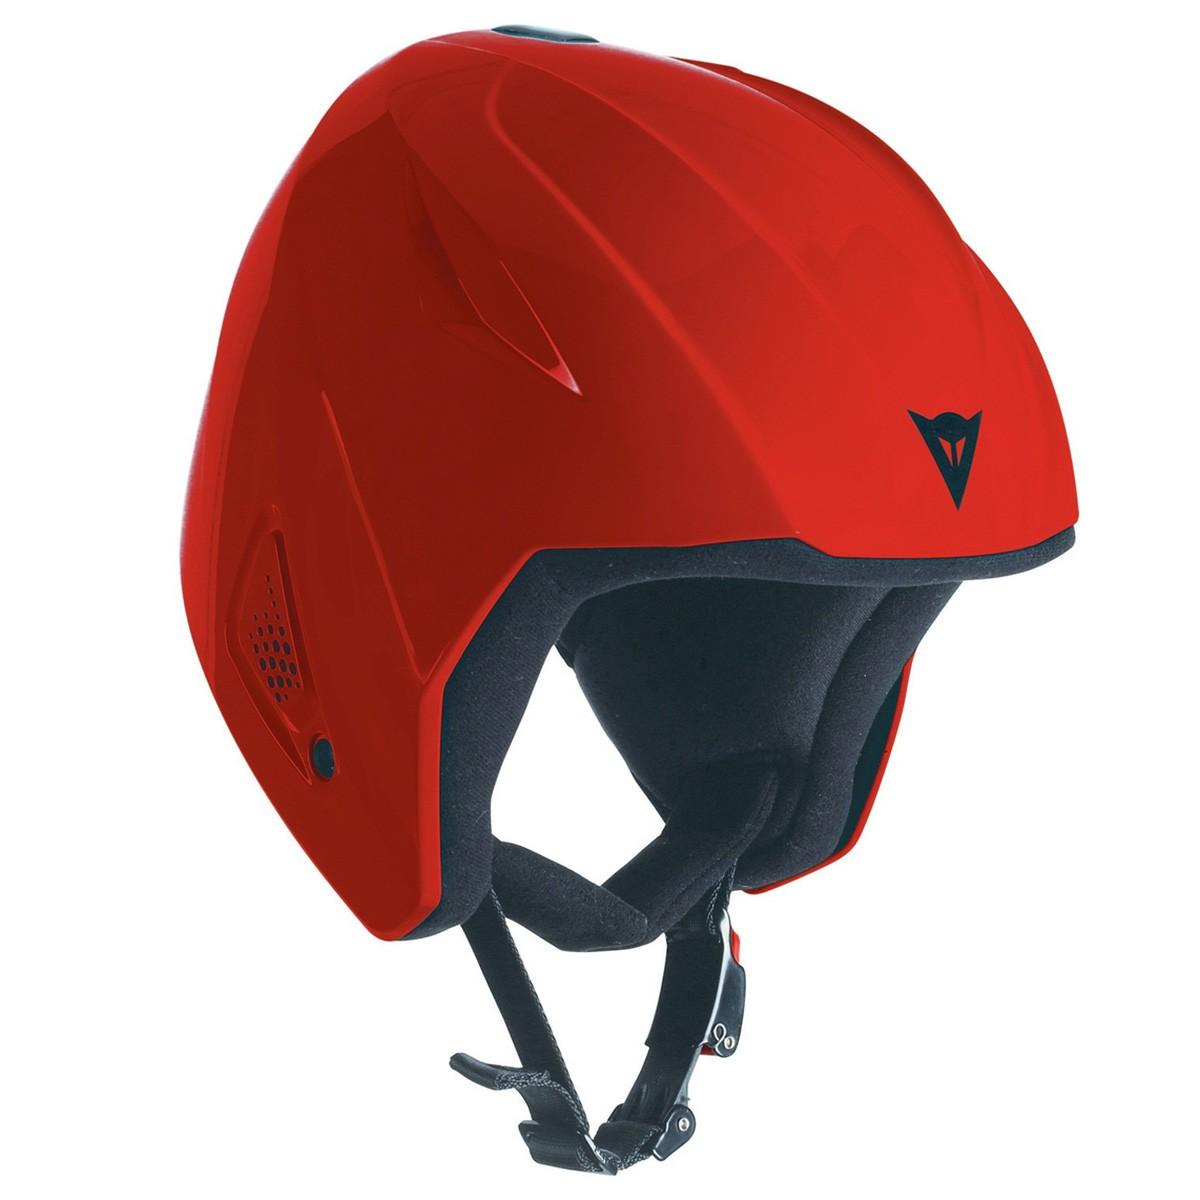 Casco sci Dainese Snow Team Jr Evo (Colore: rosso, Taglia: 54)